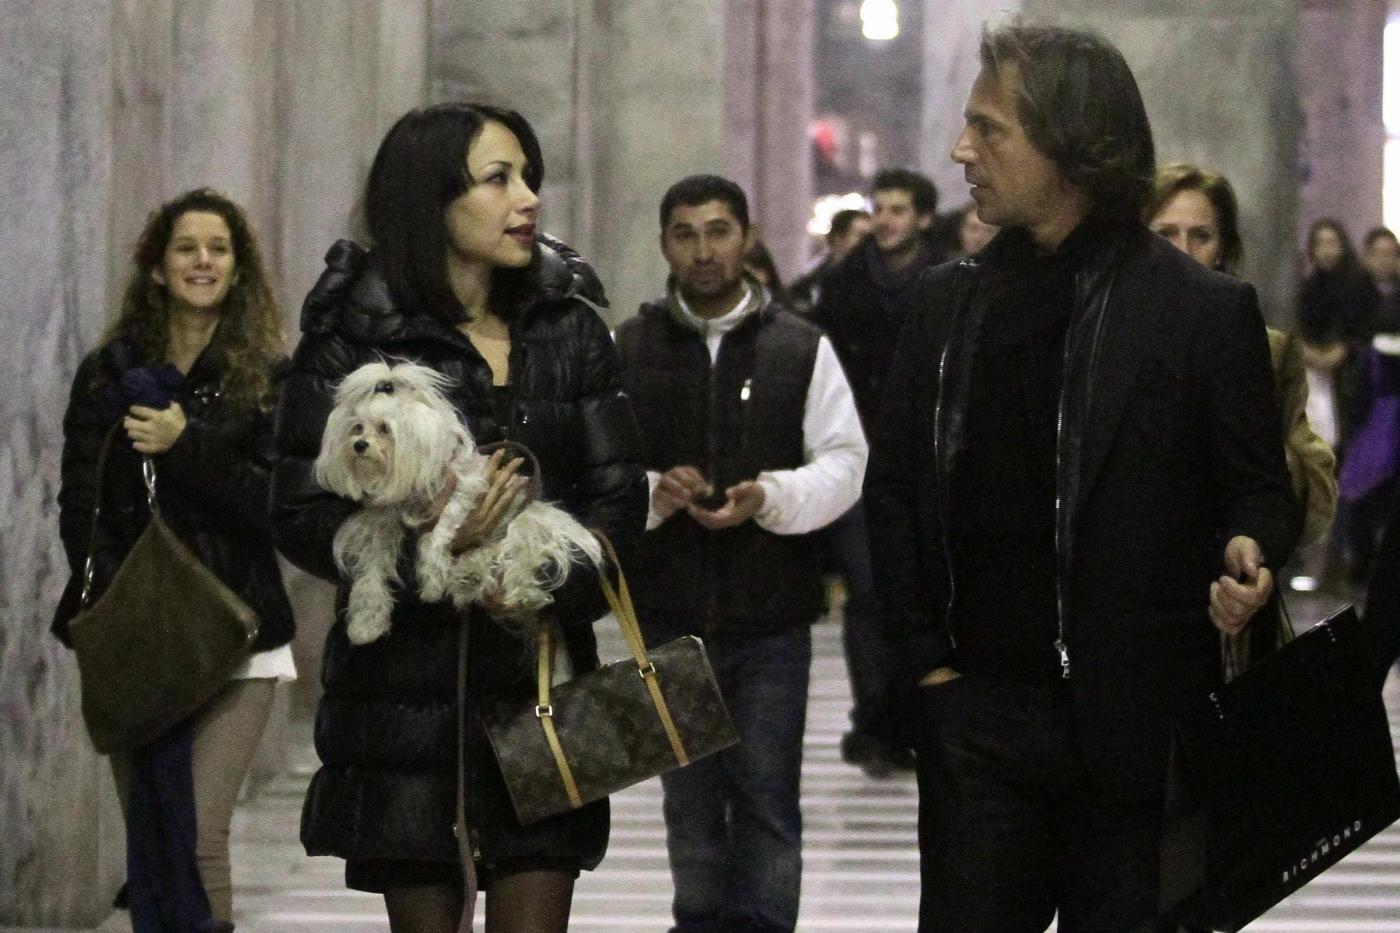 Antonio Zequila con ragazza e cagnolino a Milano03